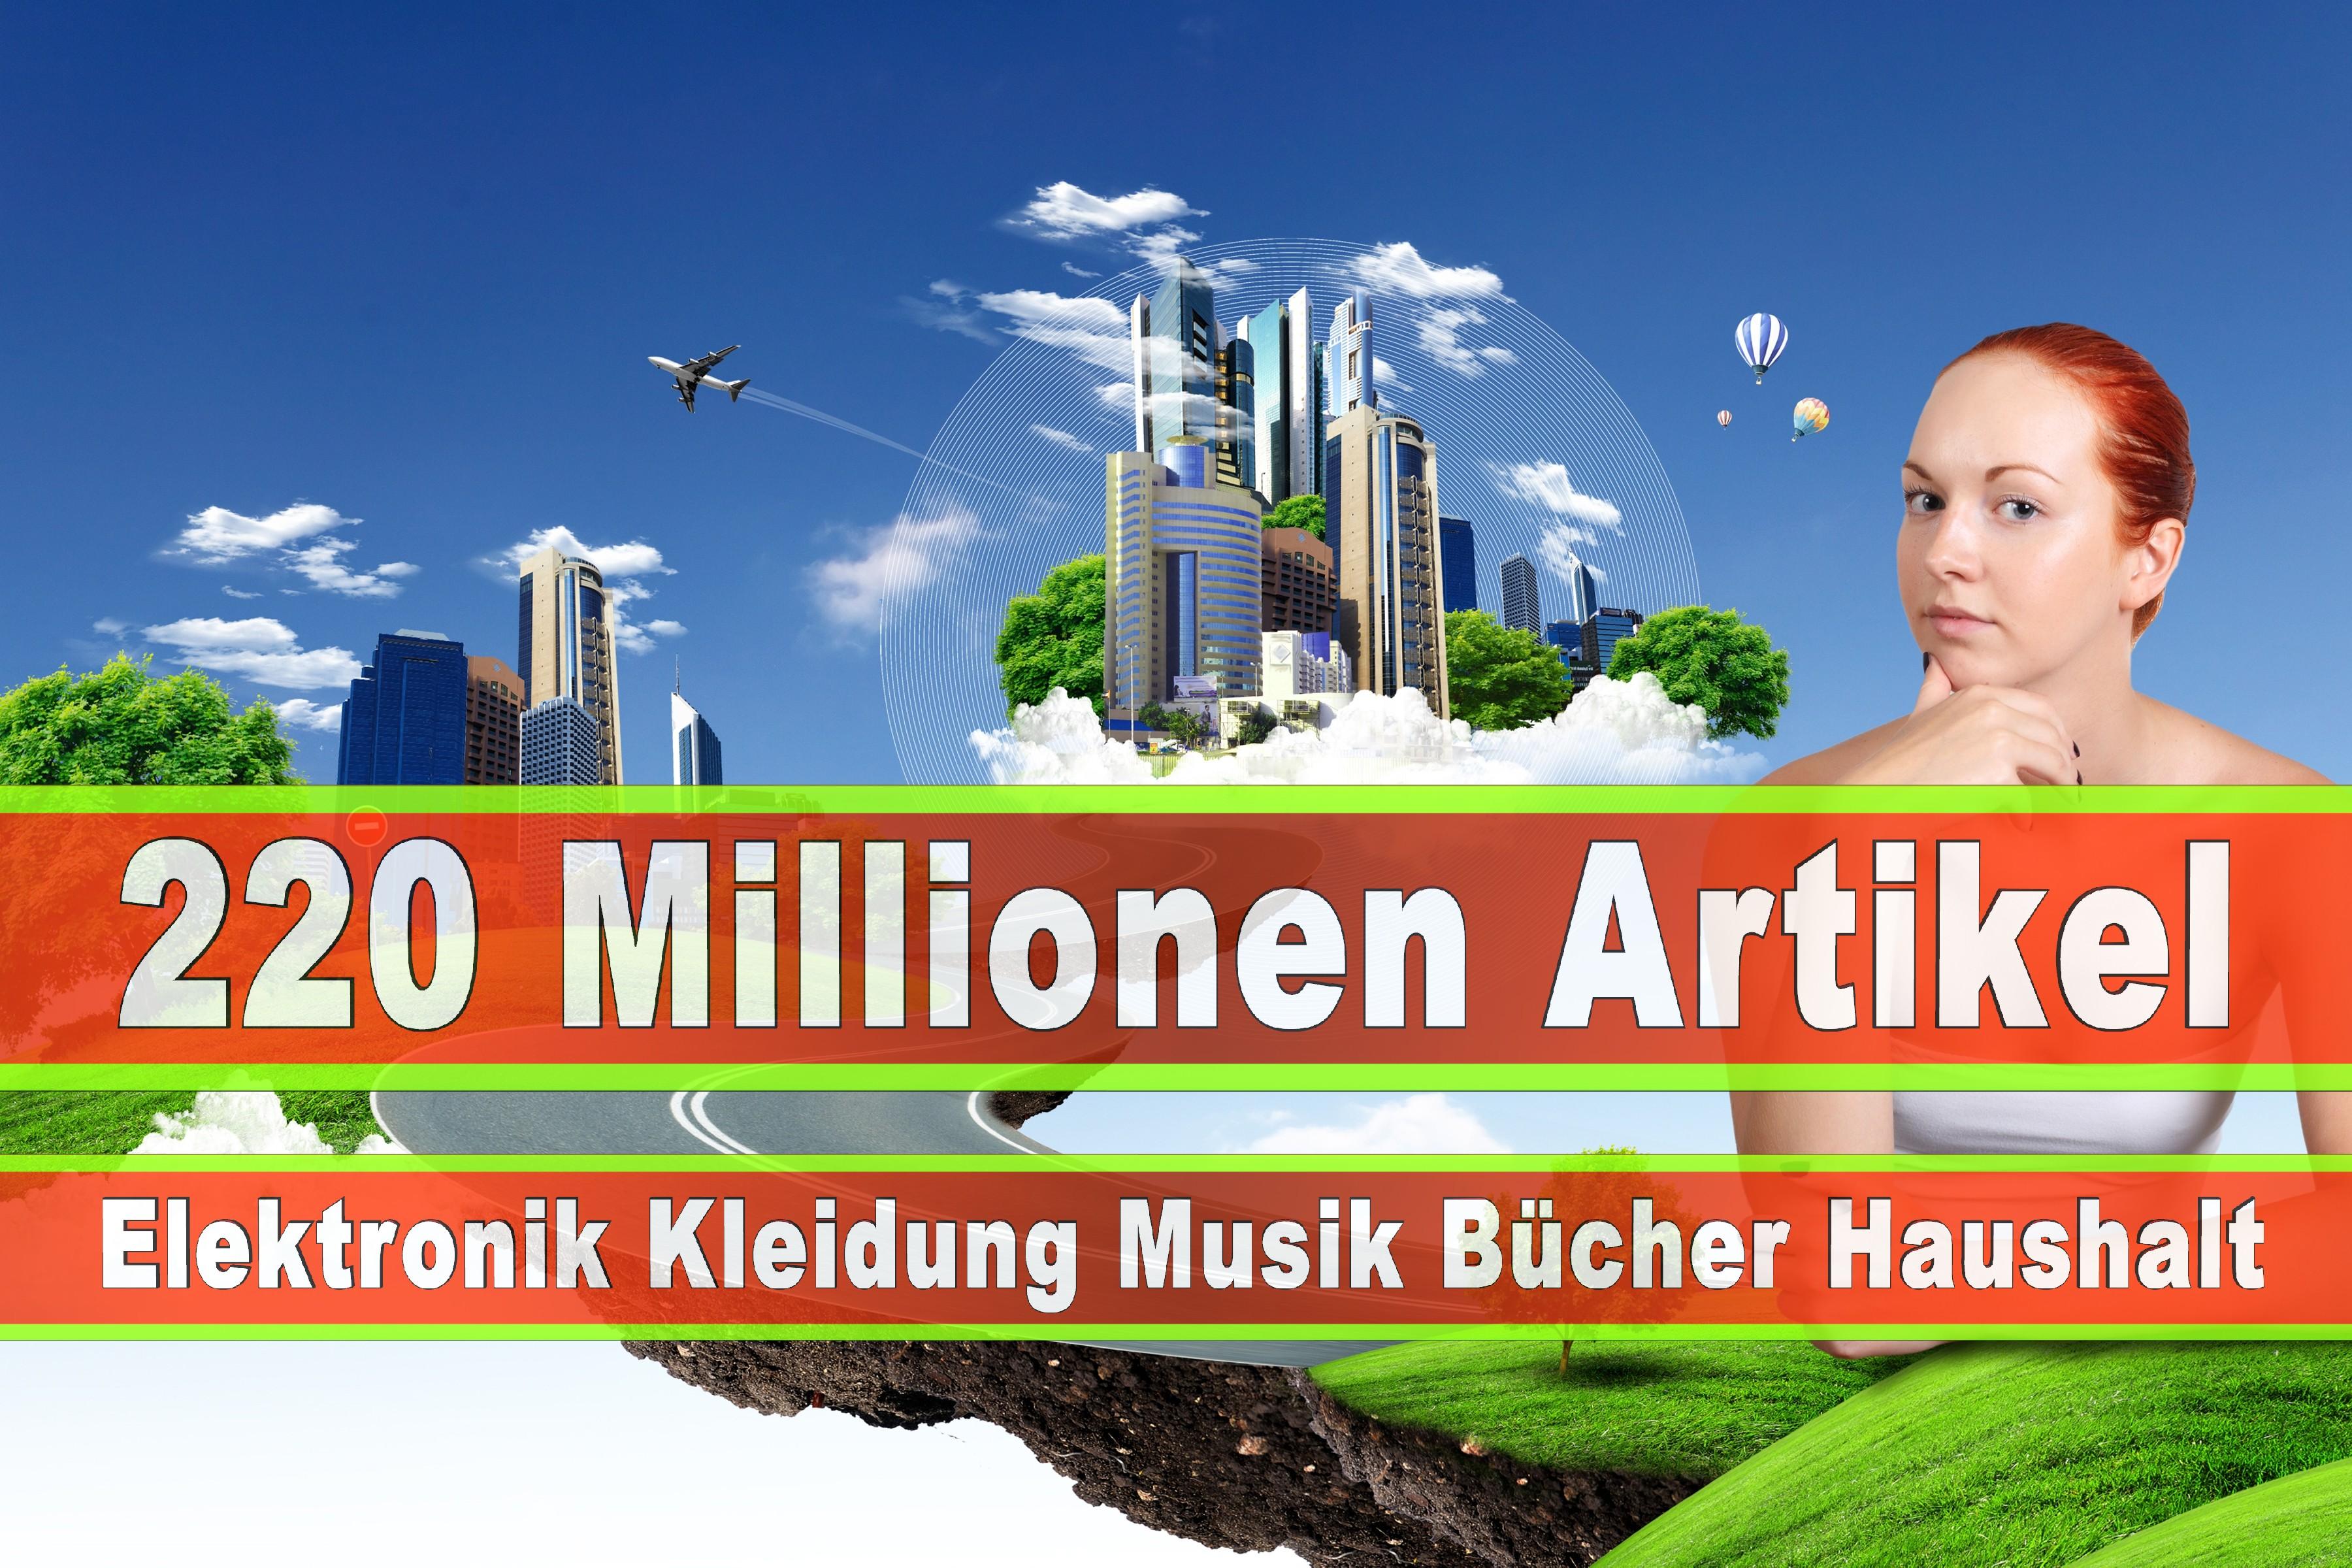 Amazon Elektronik Musik Haushalt Bücher CD DVD Handys Smartphones TV Television Fernseher Kleidung Mode Ebay Versandhaus (192)